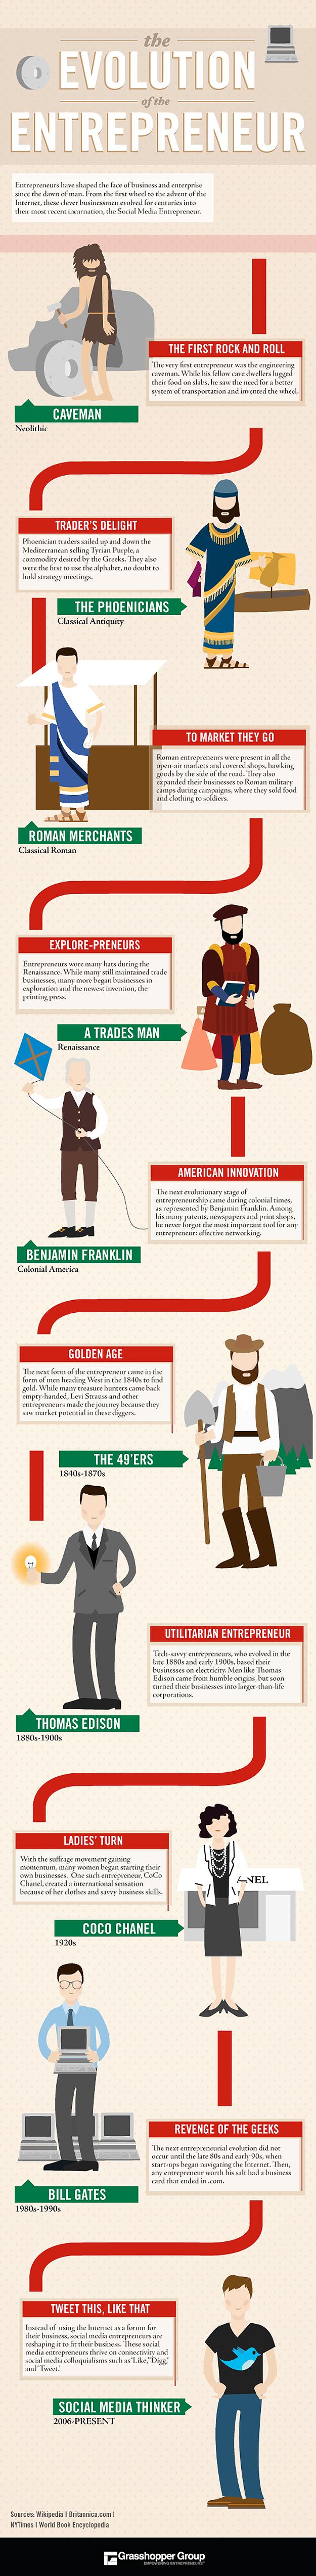 Evolution-of-the-Entrepreneur-Infographic